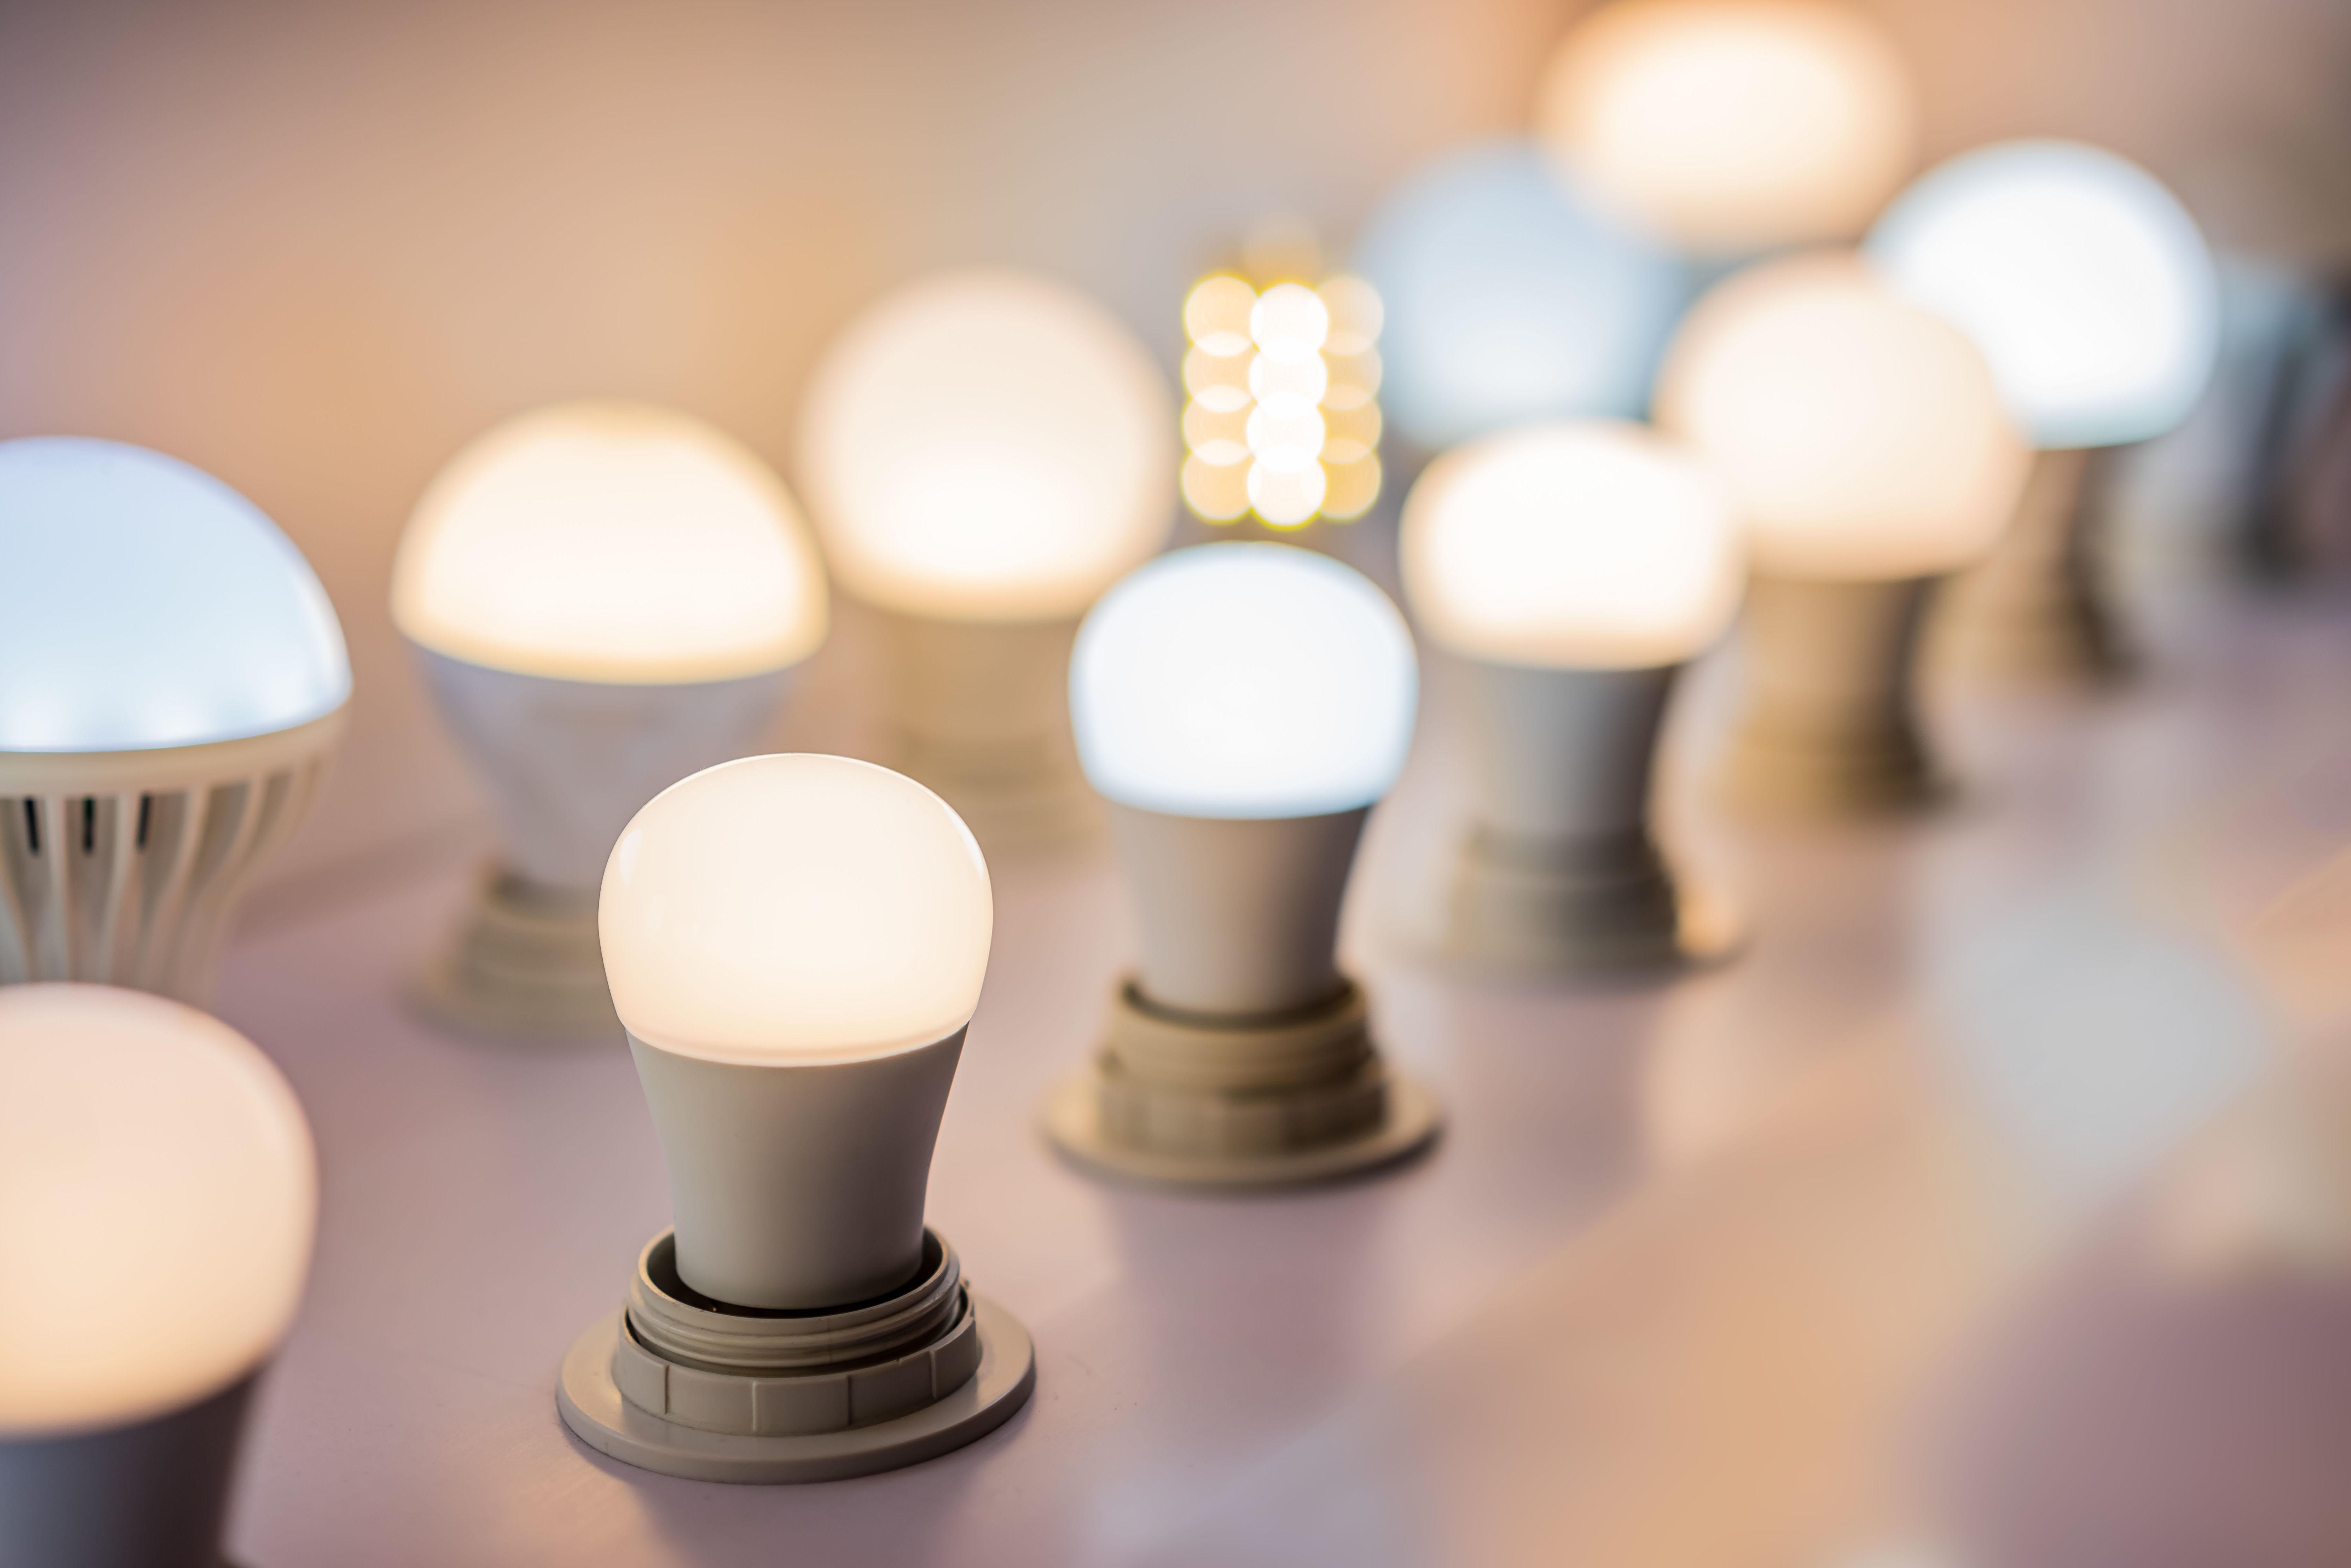 Venta de bombillas de LED: Servicios de Instalaciones RR